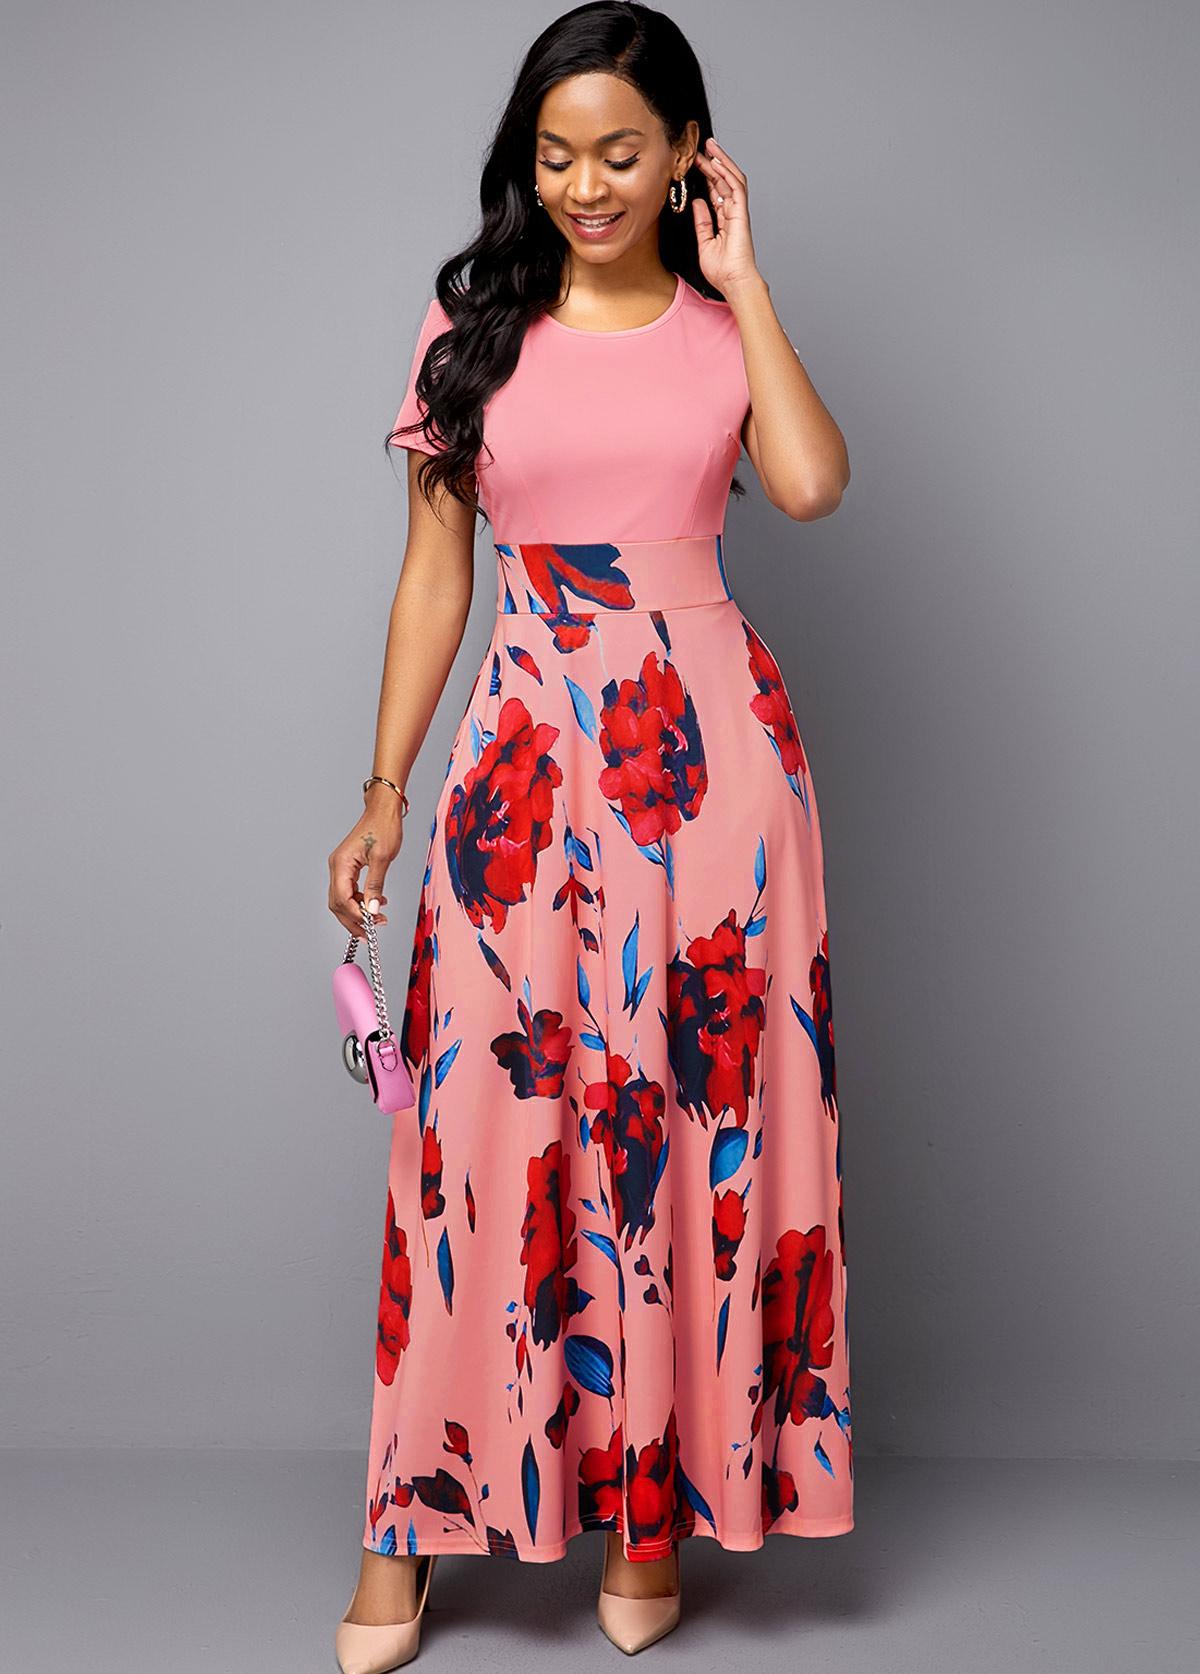 Short Sleeve Pink Flower Print Dress